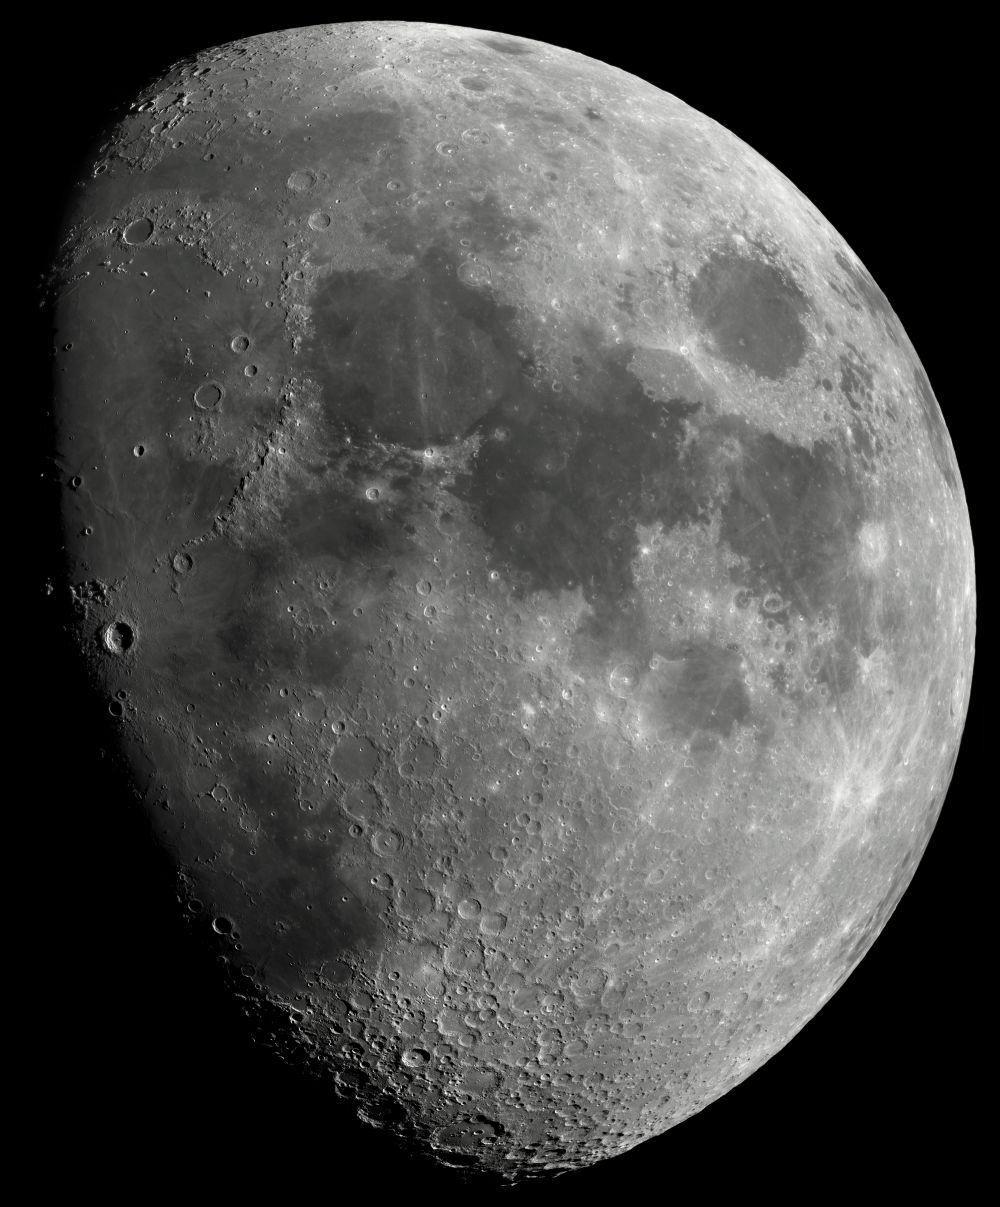 2016.04.16 Moon mosaic